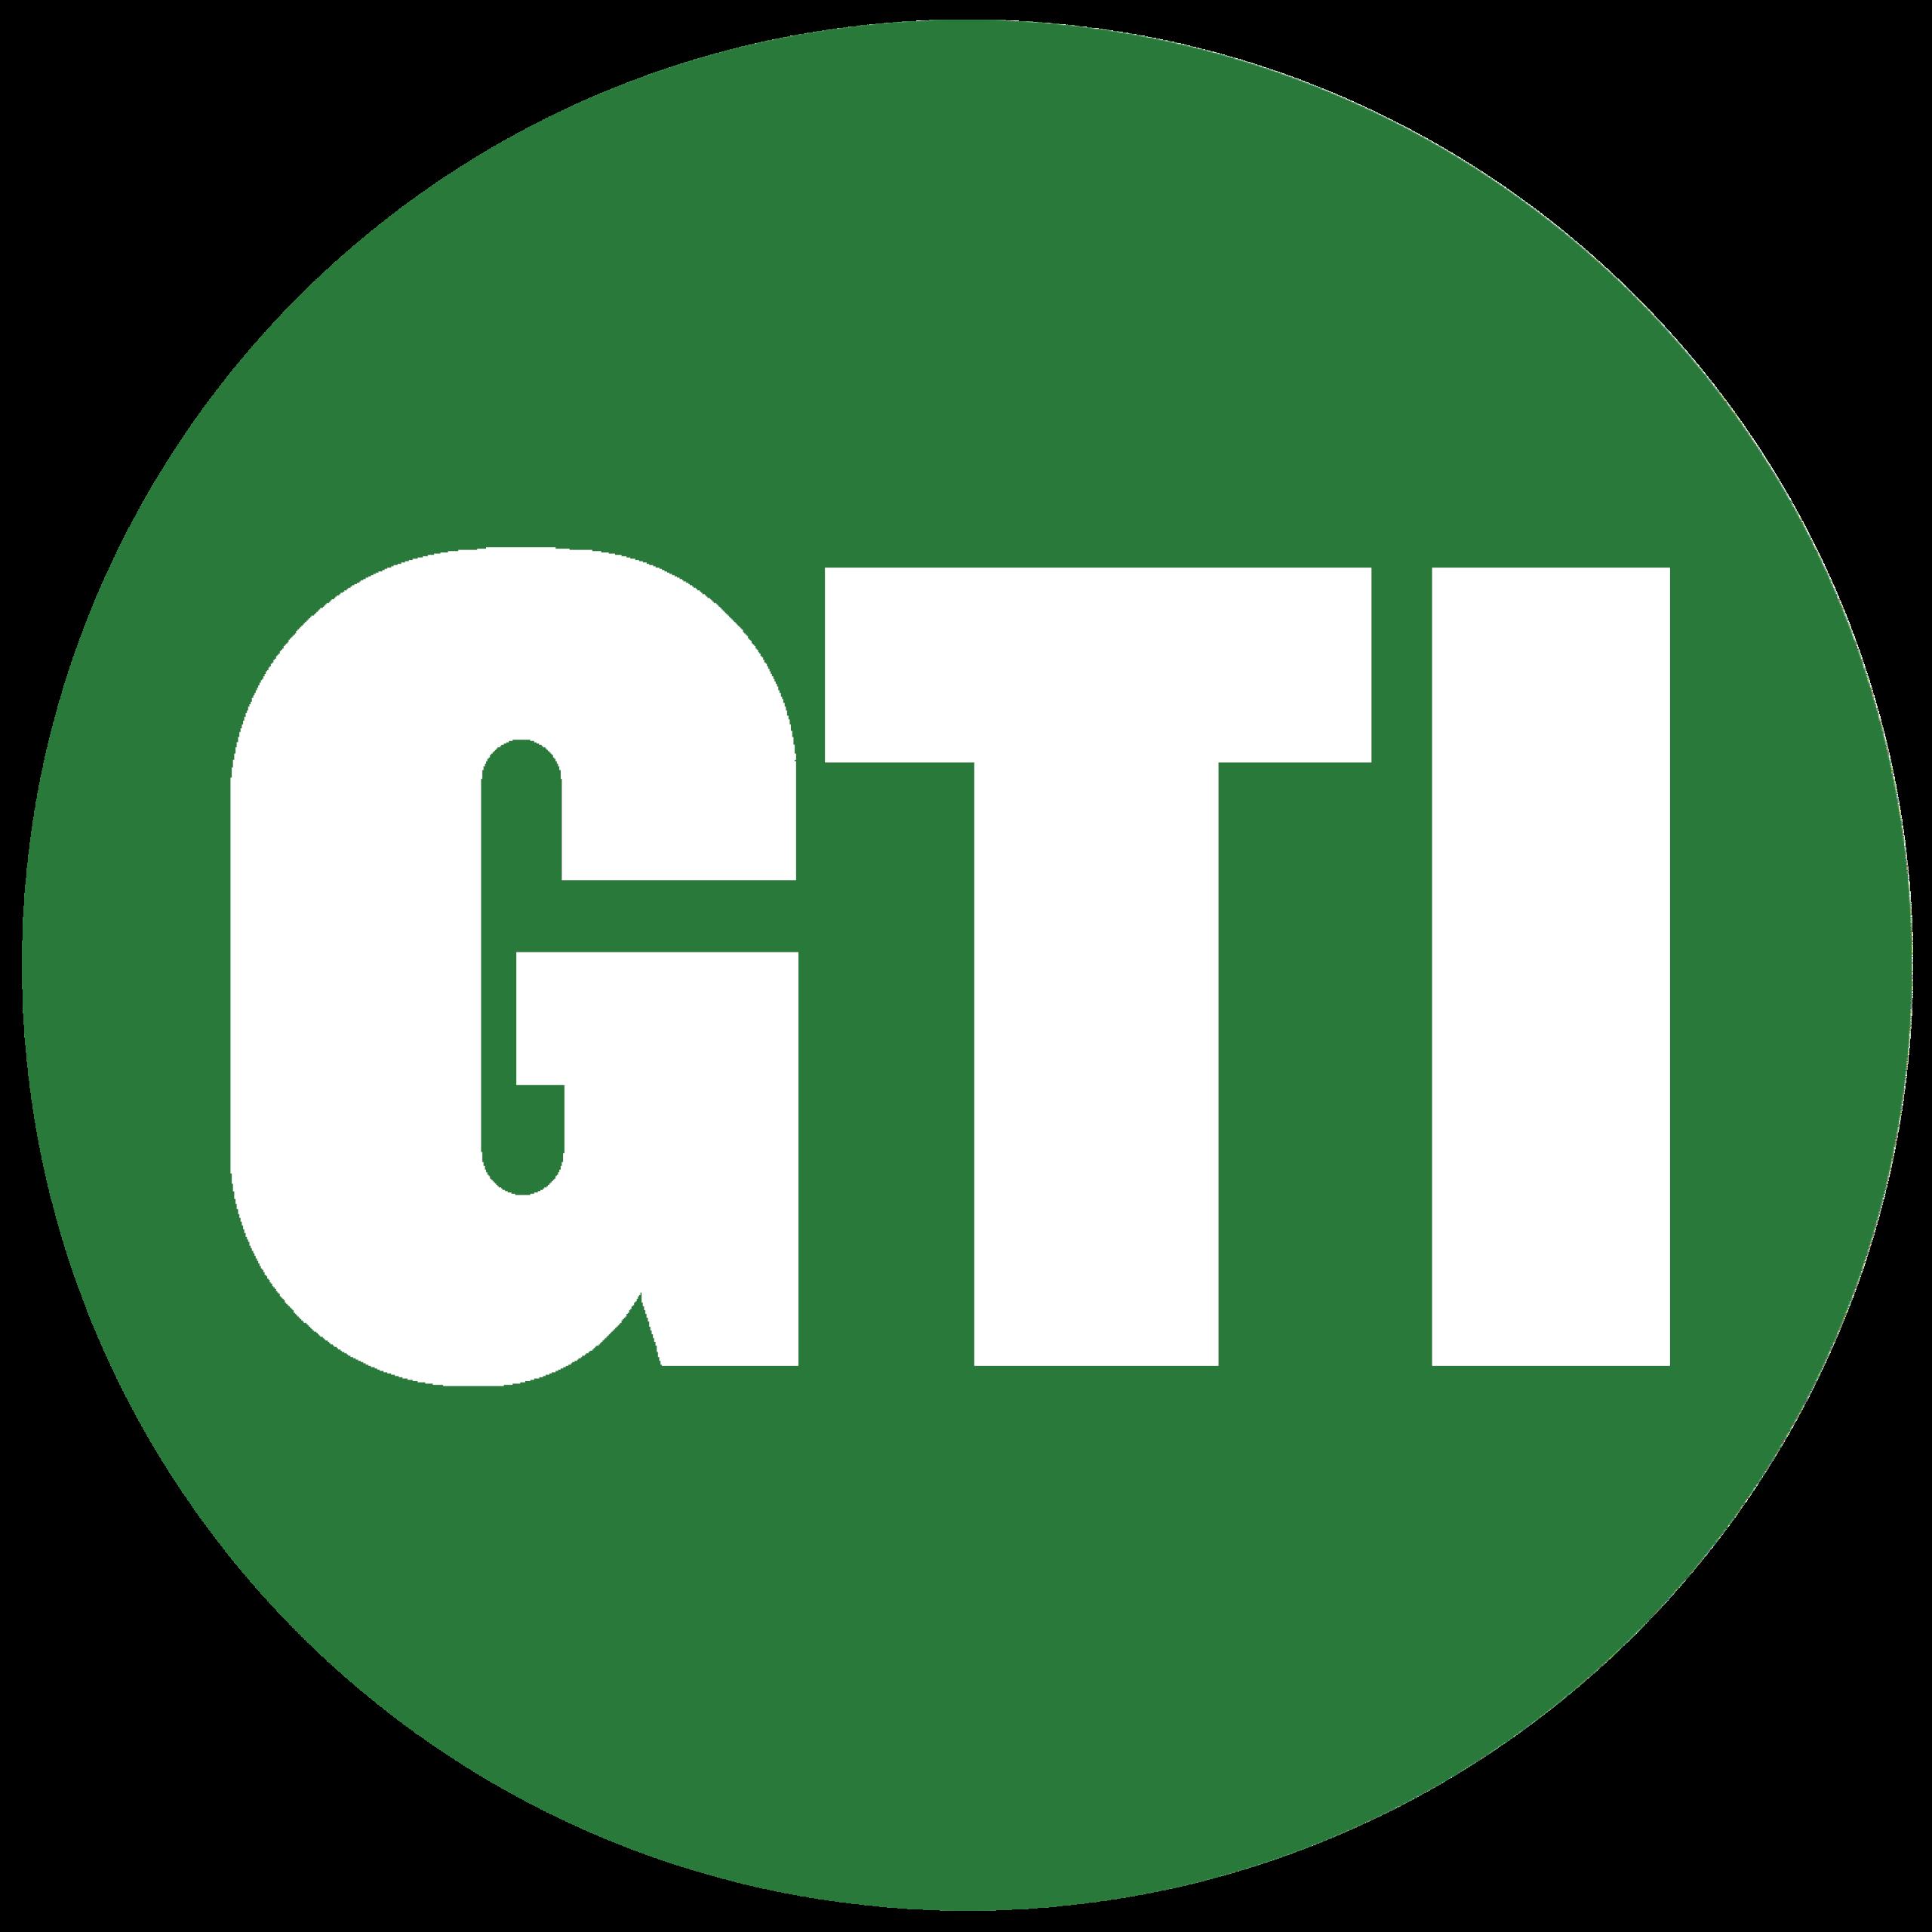 GTBIF